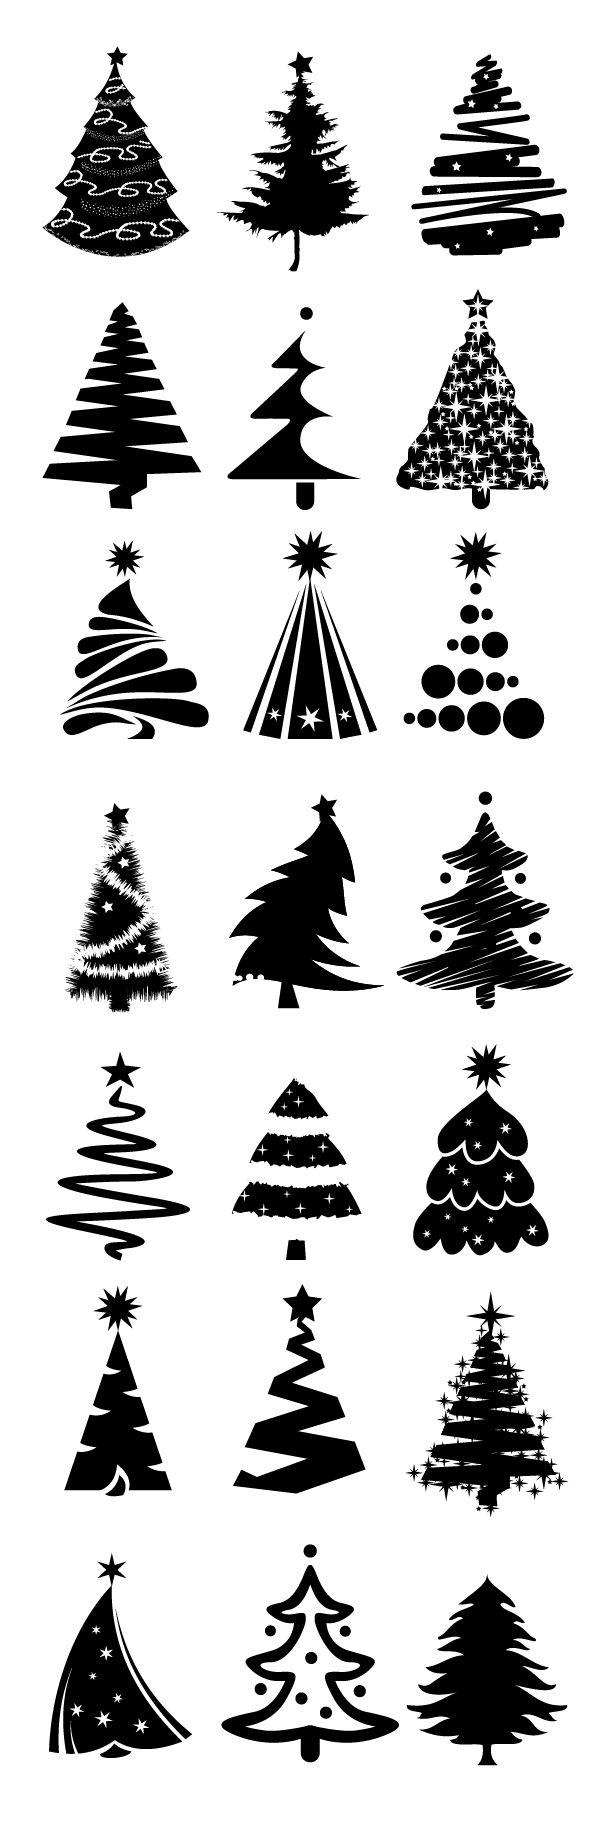 これは必見! 抽象的に描かれたオシャレなクリスマスツリー素材いろいろ(商用可・AI・EPS・SVG・CSH) - Free-Style